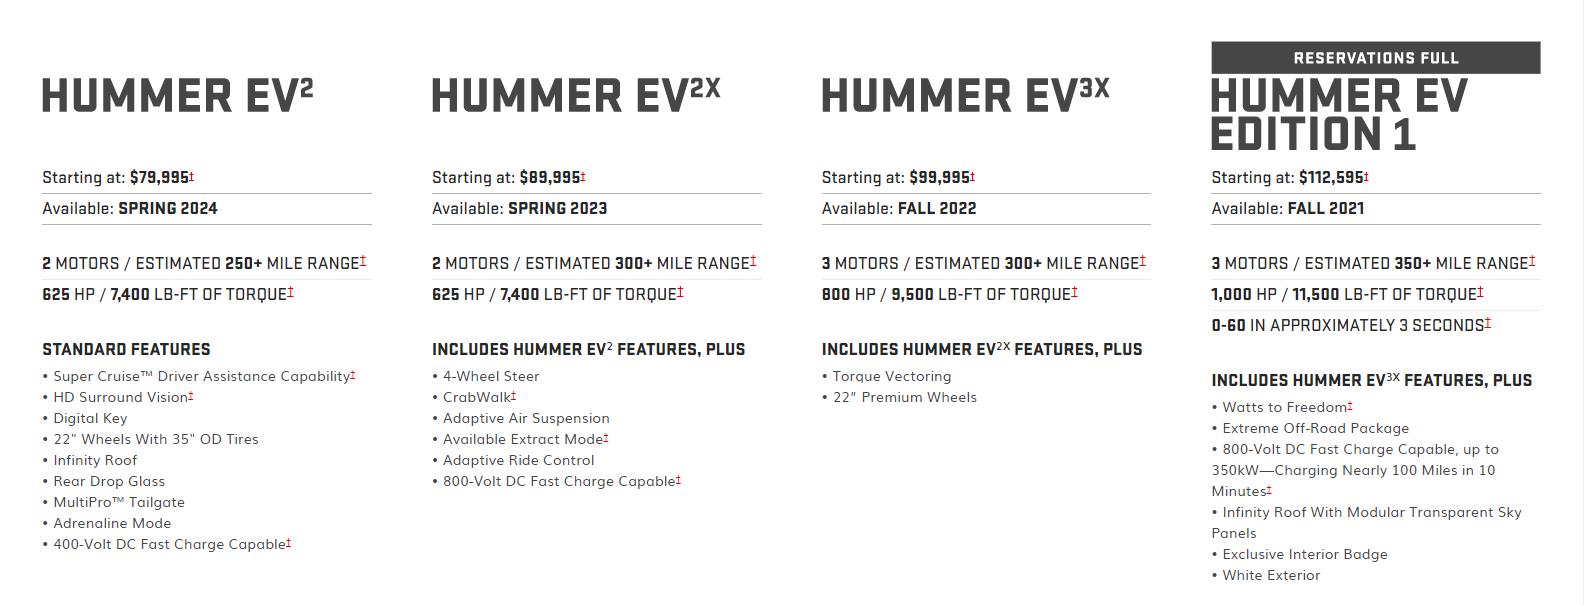 Hummer EV Trims